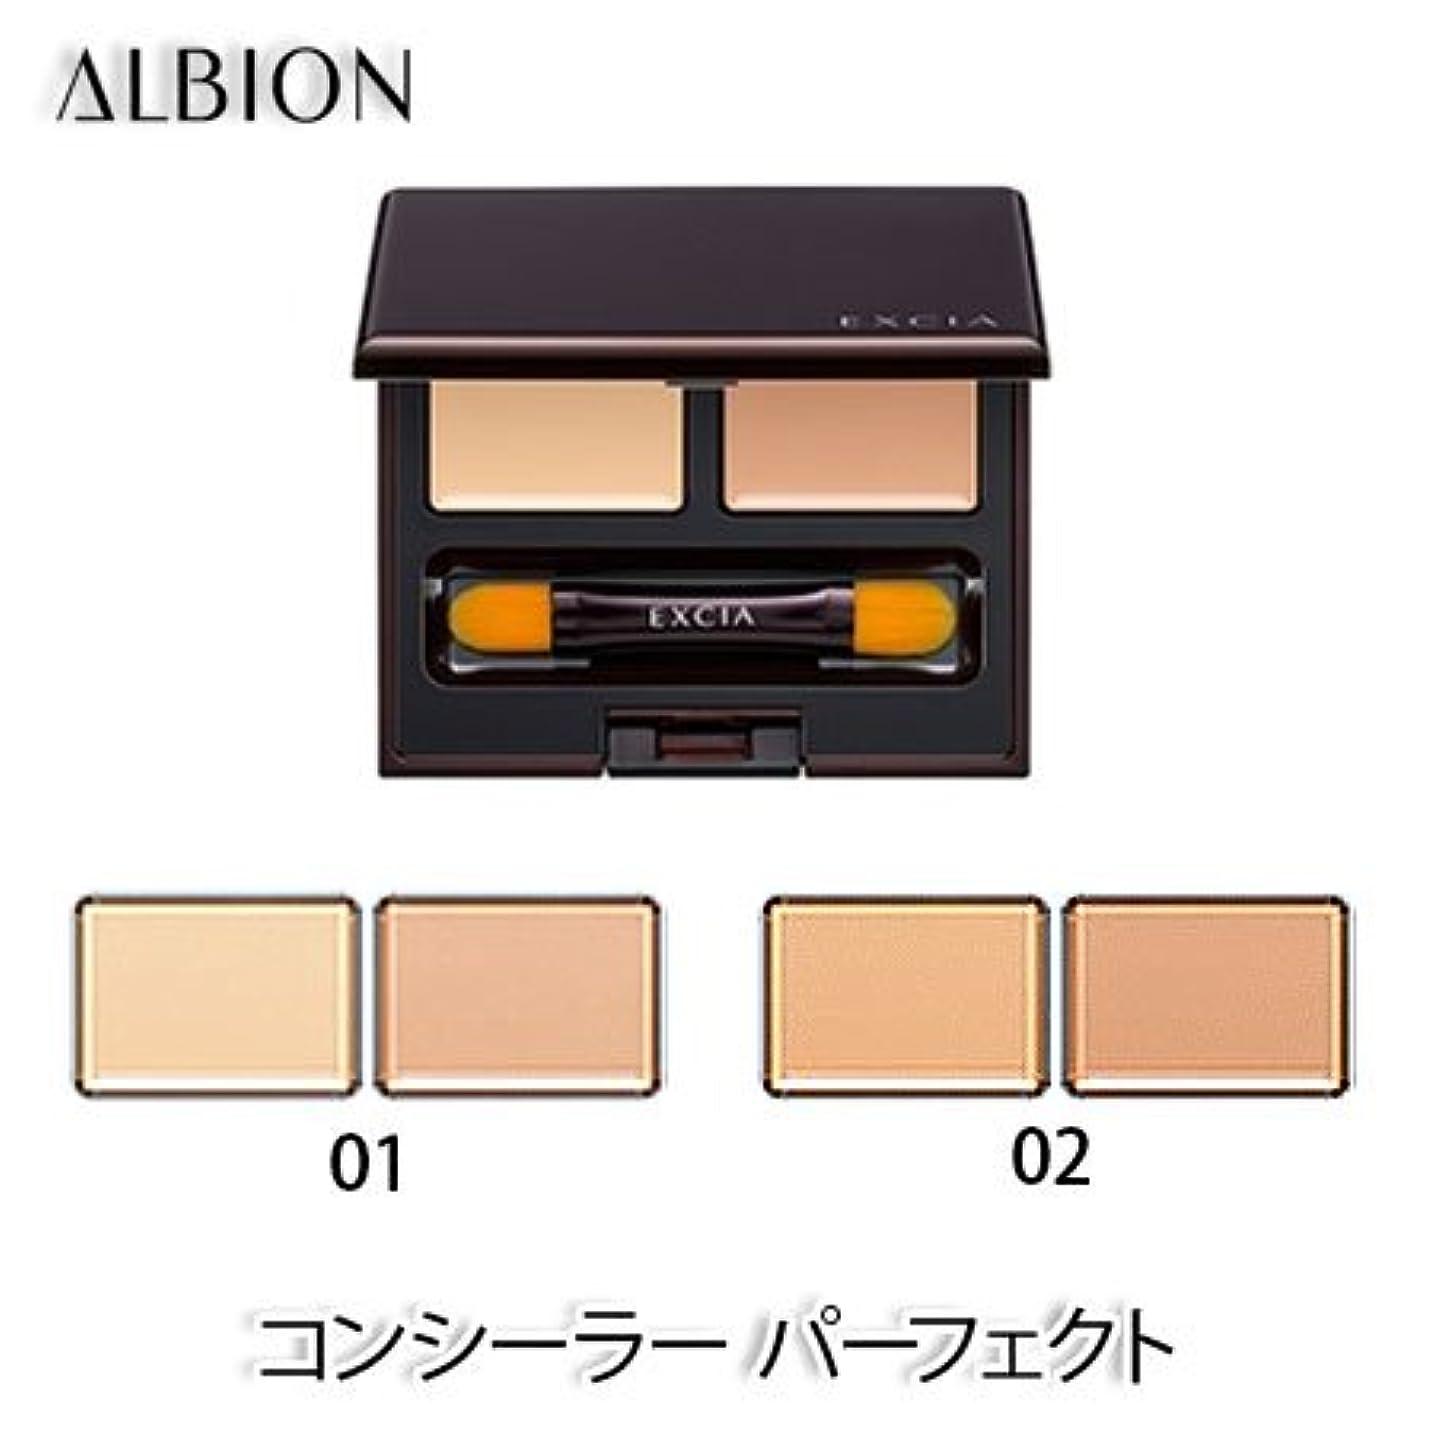 伴うスカープあなたが良くなりますアルビオン エクシア AL コンシーラー パーフェクト SPF20 PA++ 2.6g 2種 -ALBION- 01